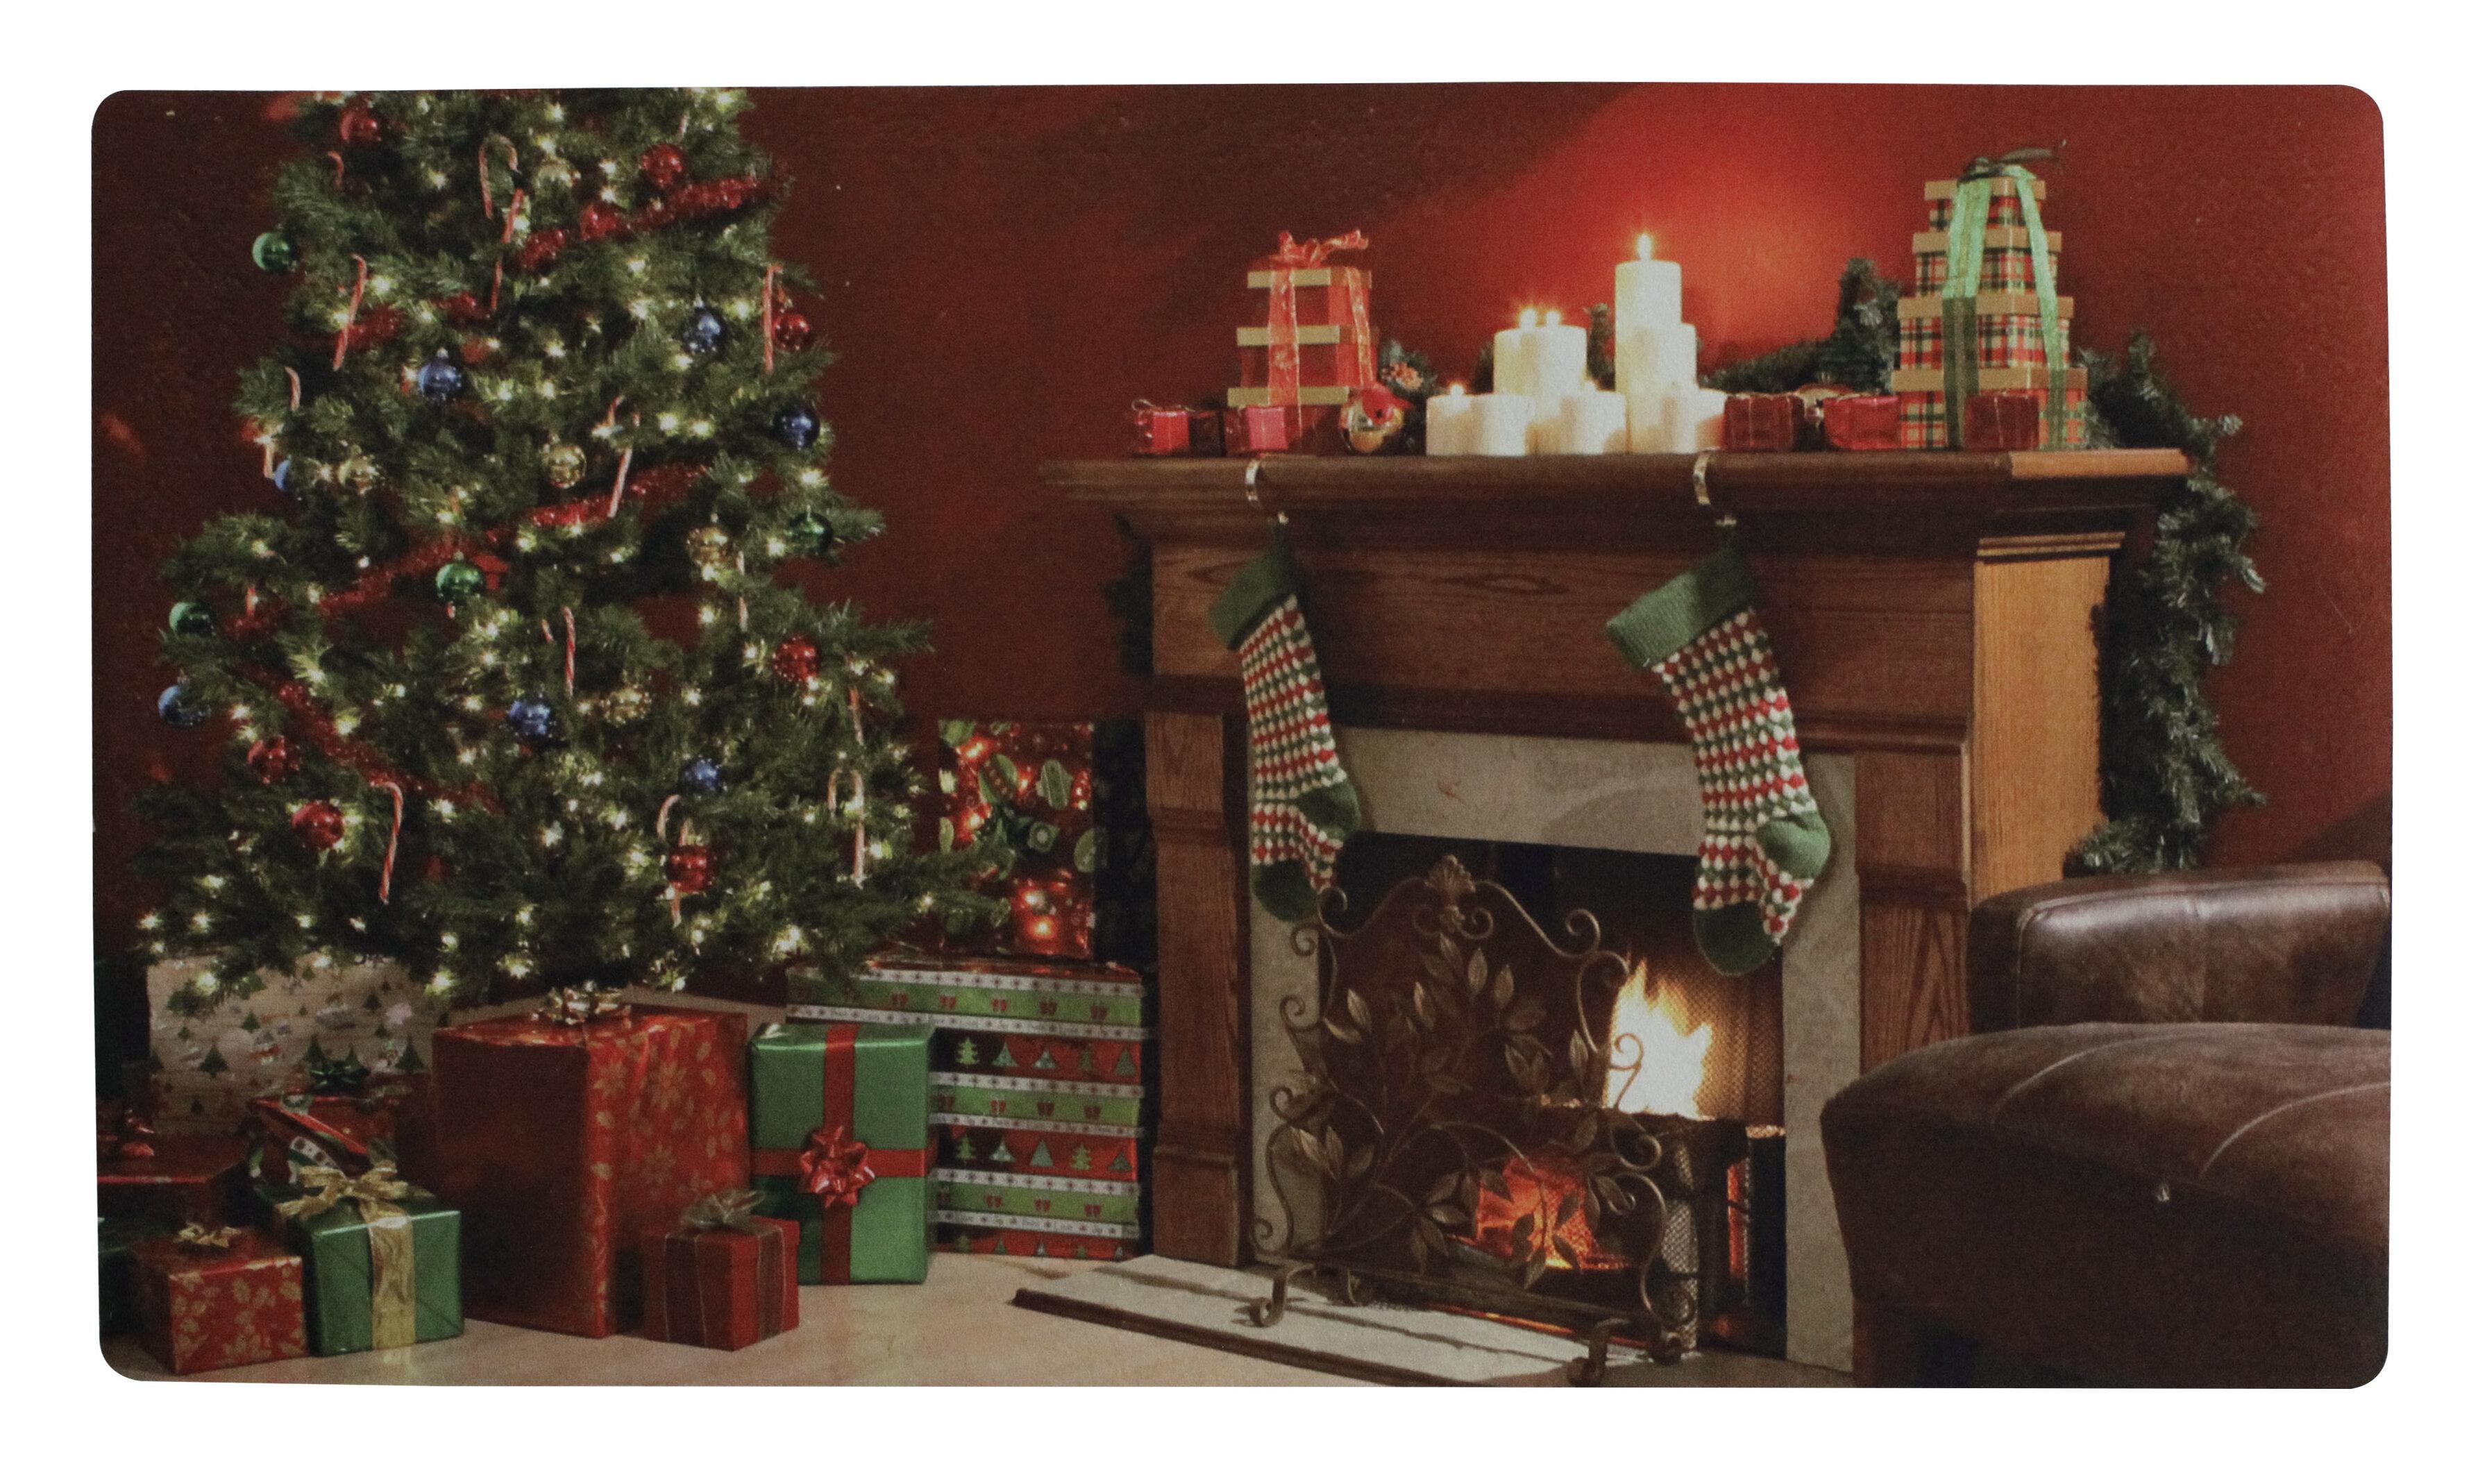 Christmas Scenes Pictures.Christmas Scenes 28 9 In X 17 3 In Non Slip Outdoor Door Mat